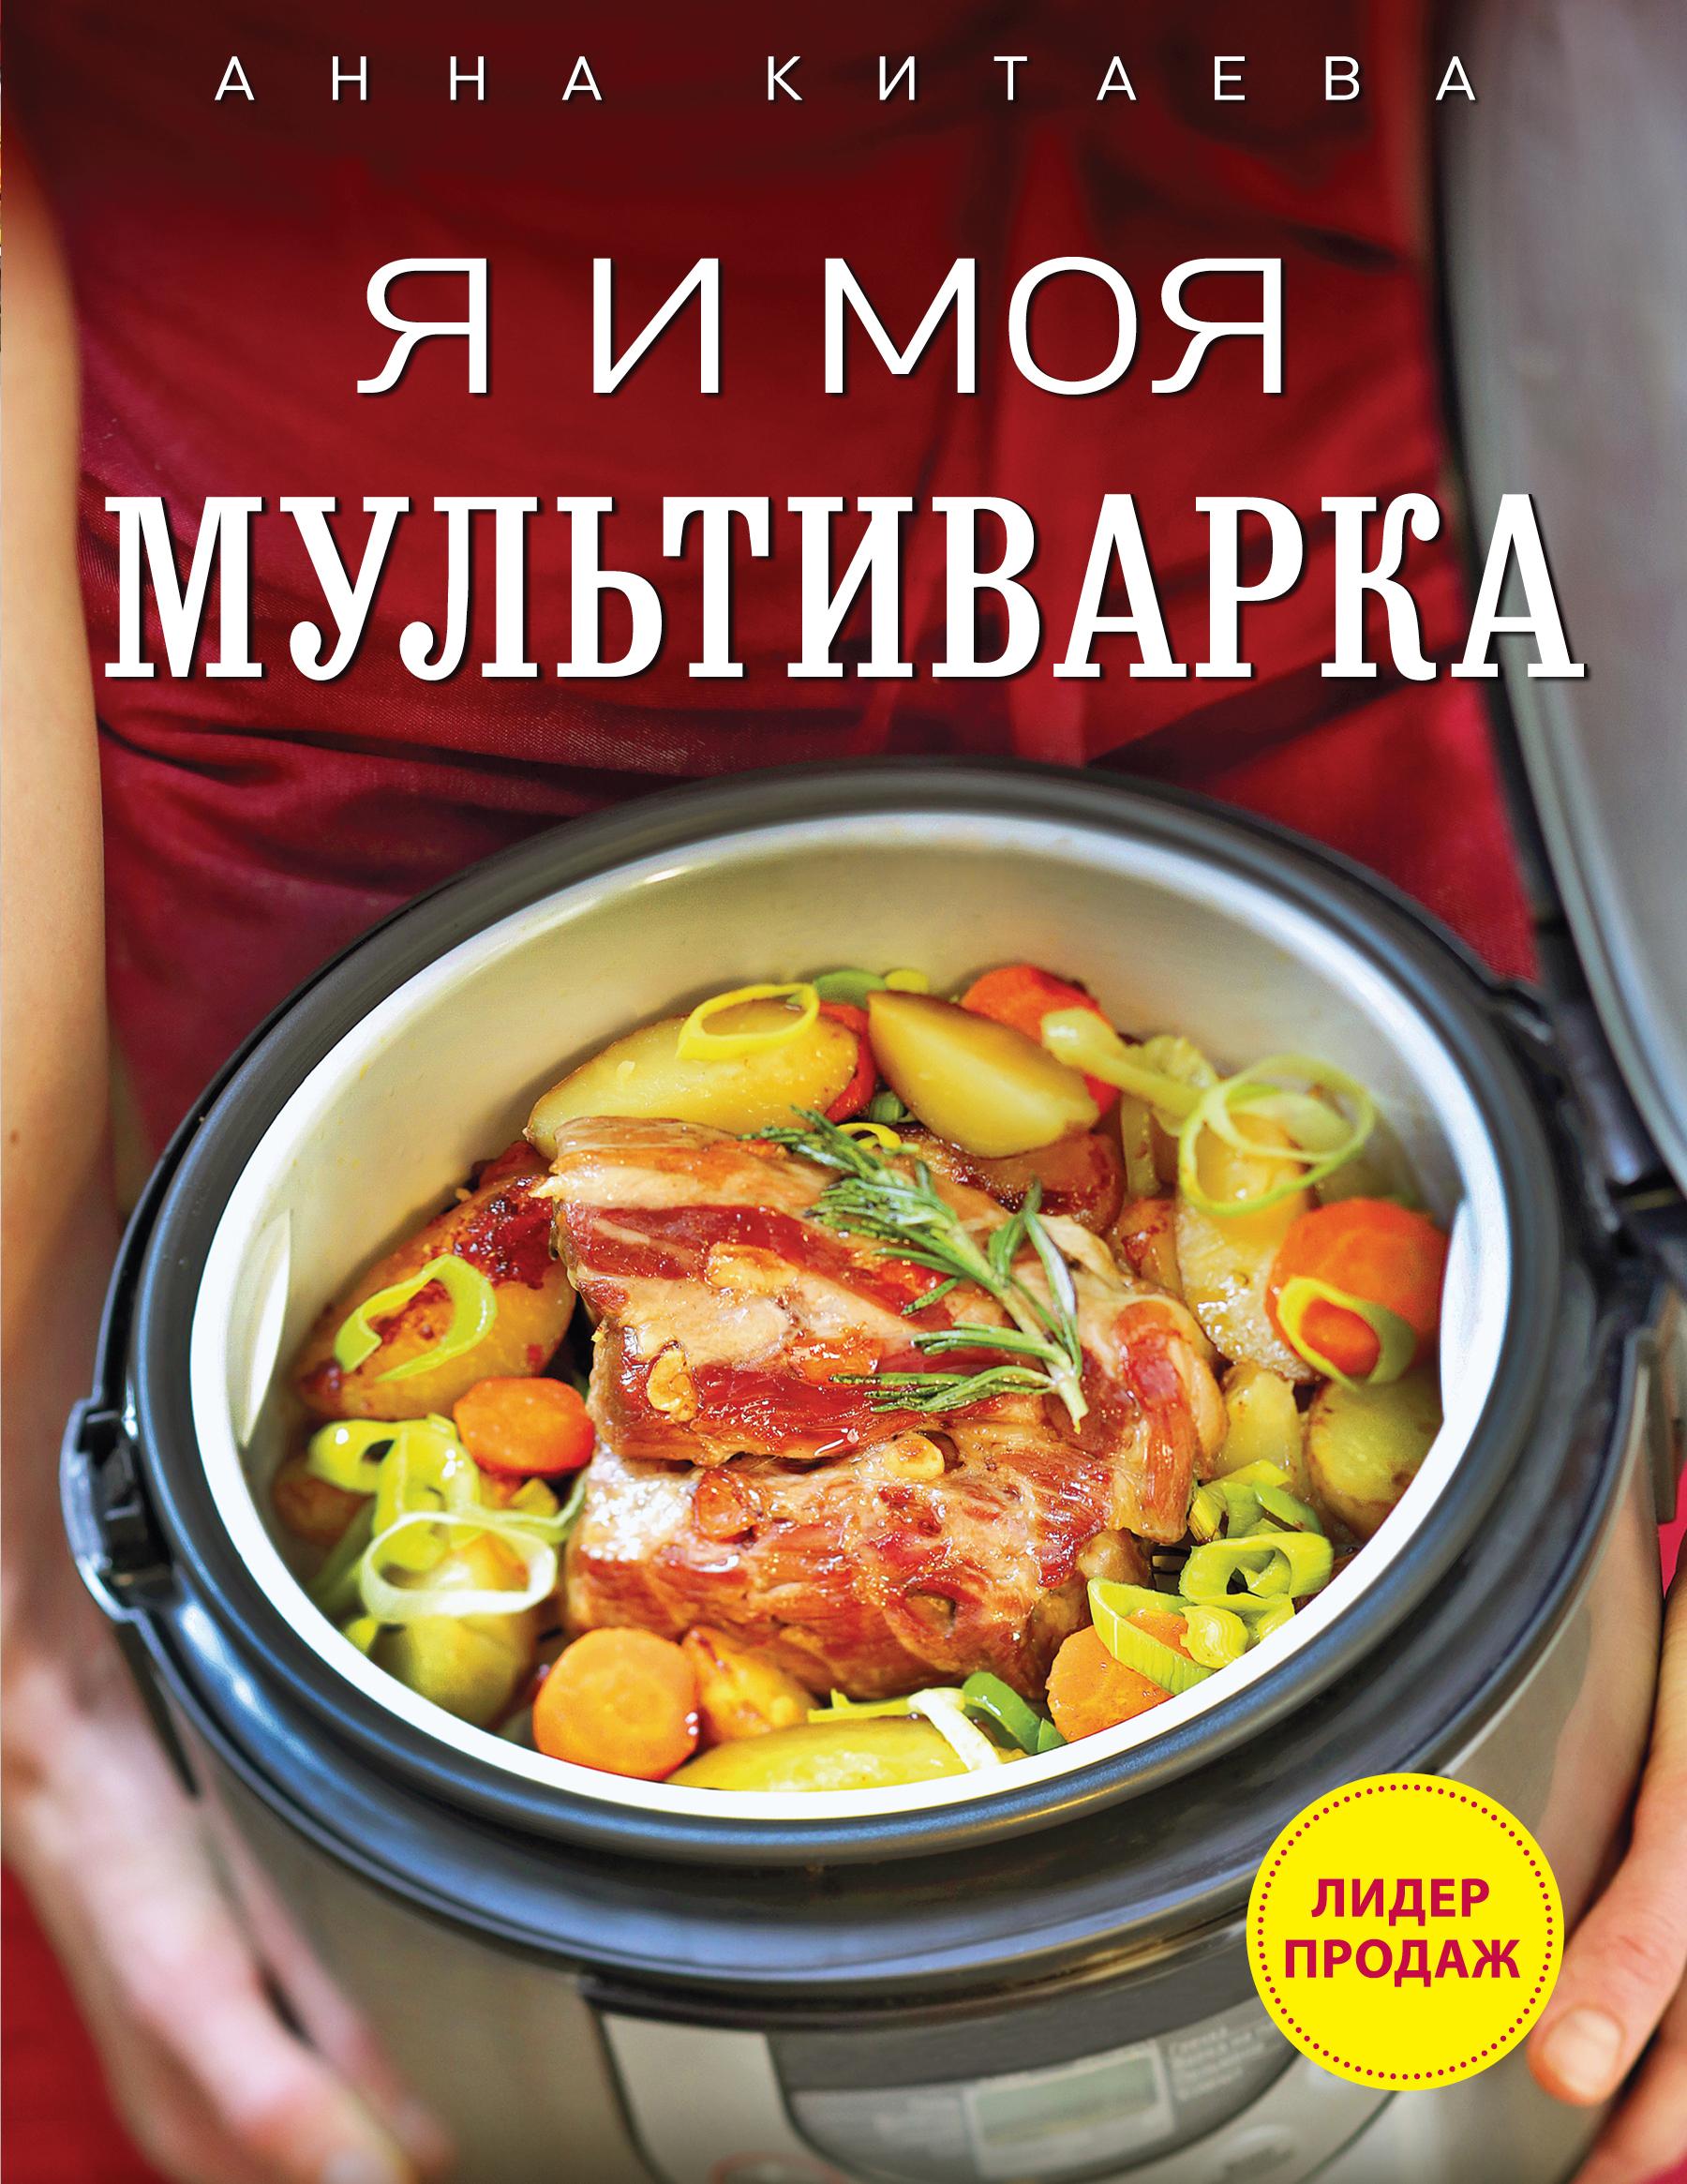 Анна Китаева Я и моя мультиварка анна китаева я люблю мультиварку серия кулинарные книги анны китаевой